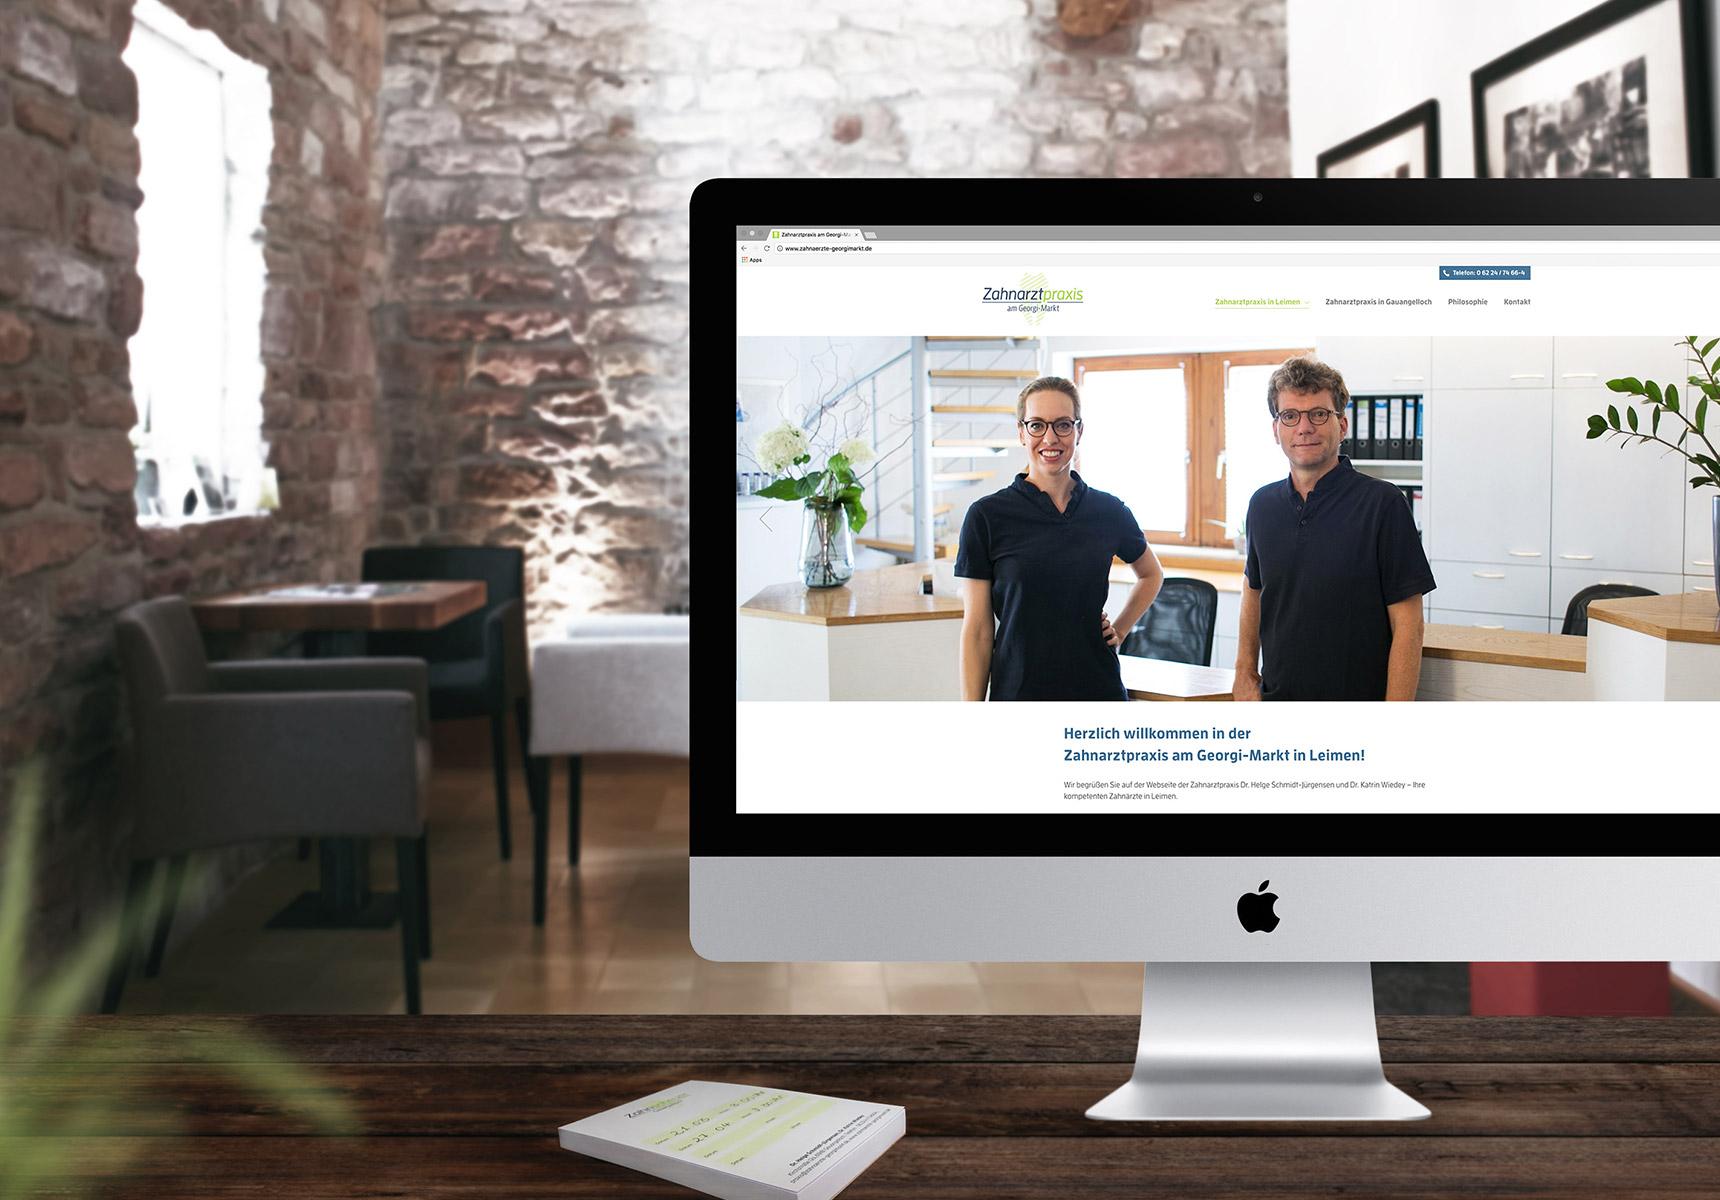 lr praxismarketing zahnarztpraxis am georgimarkt webdesign zahnarzt - Langenstein & Reichenthaler - Agentur für Praxismarketing